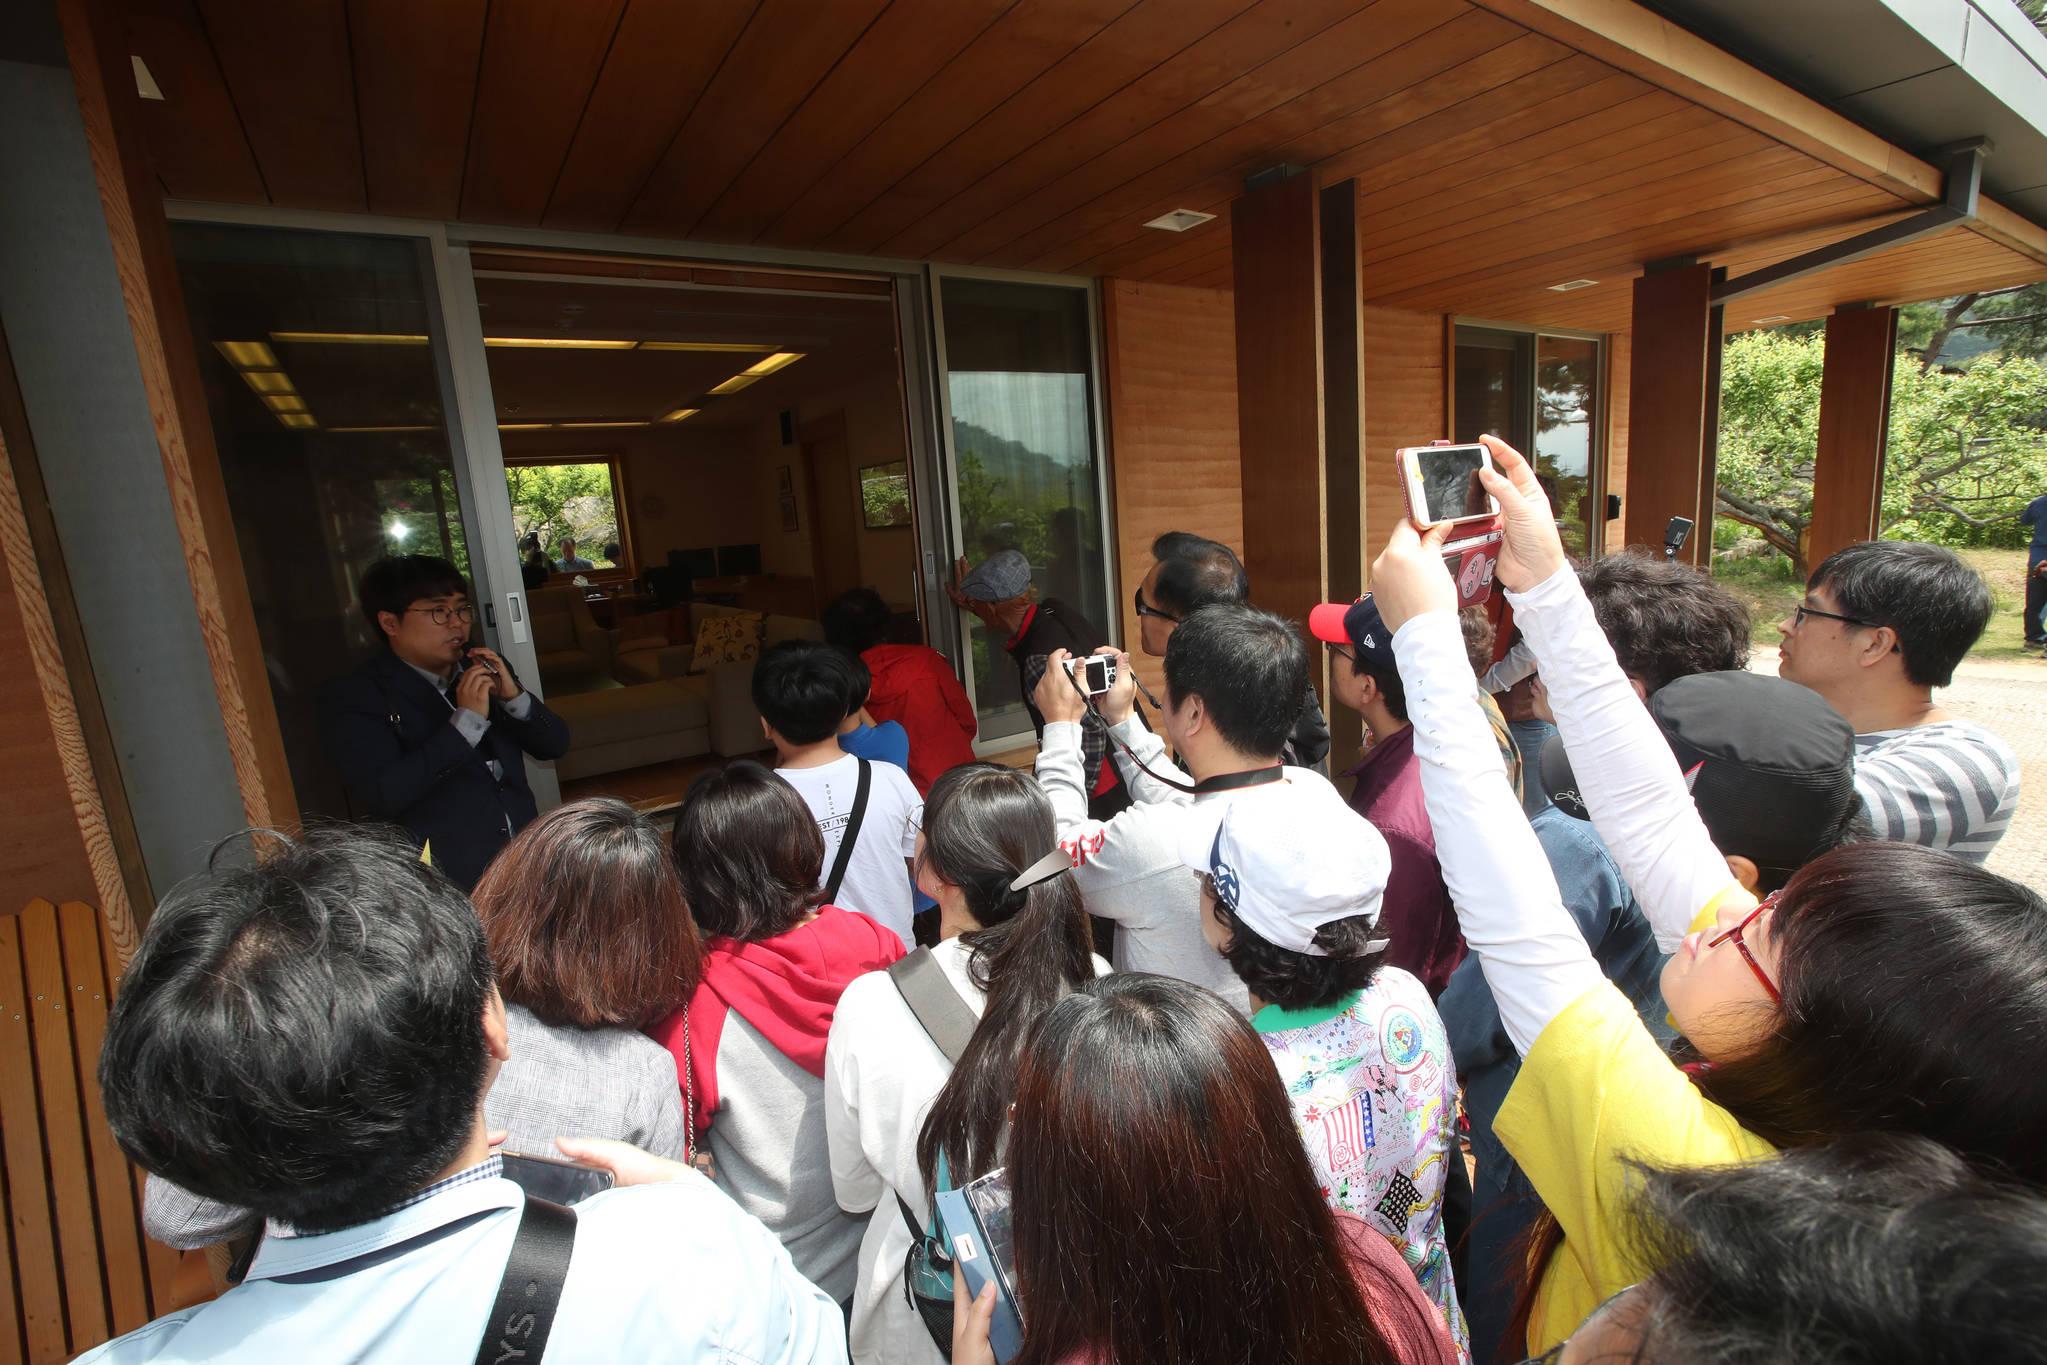 1일 시민들이 해설사의 안내를 받으며 고 노무현 전 대통령 사저를 관람하고 있다. 송봉근 기자